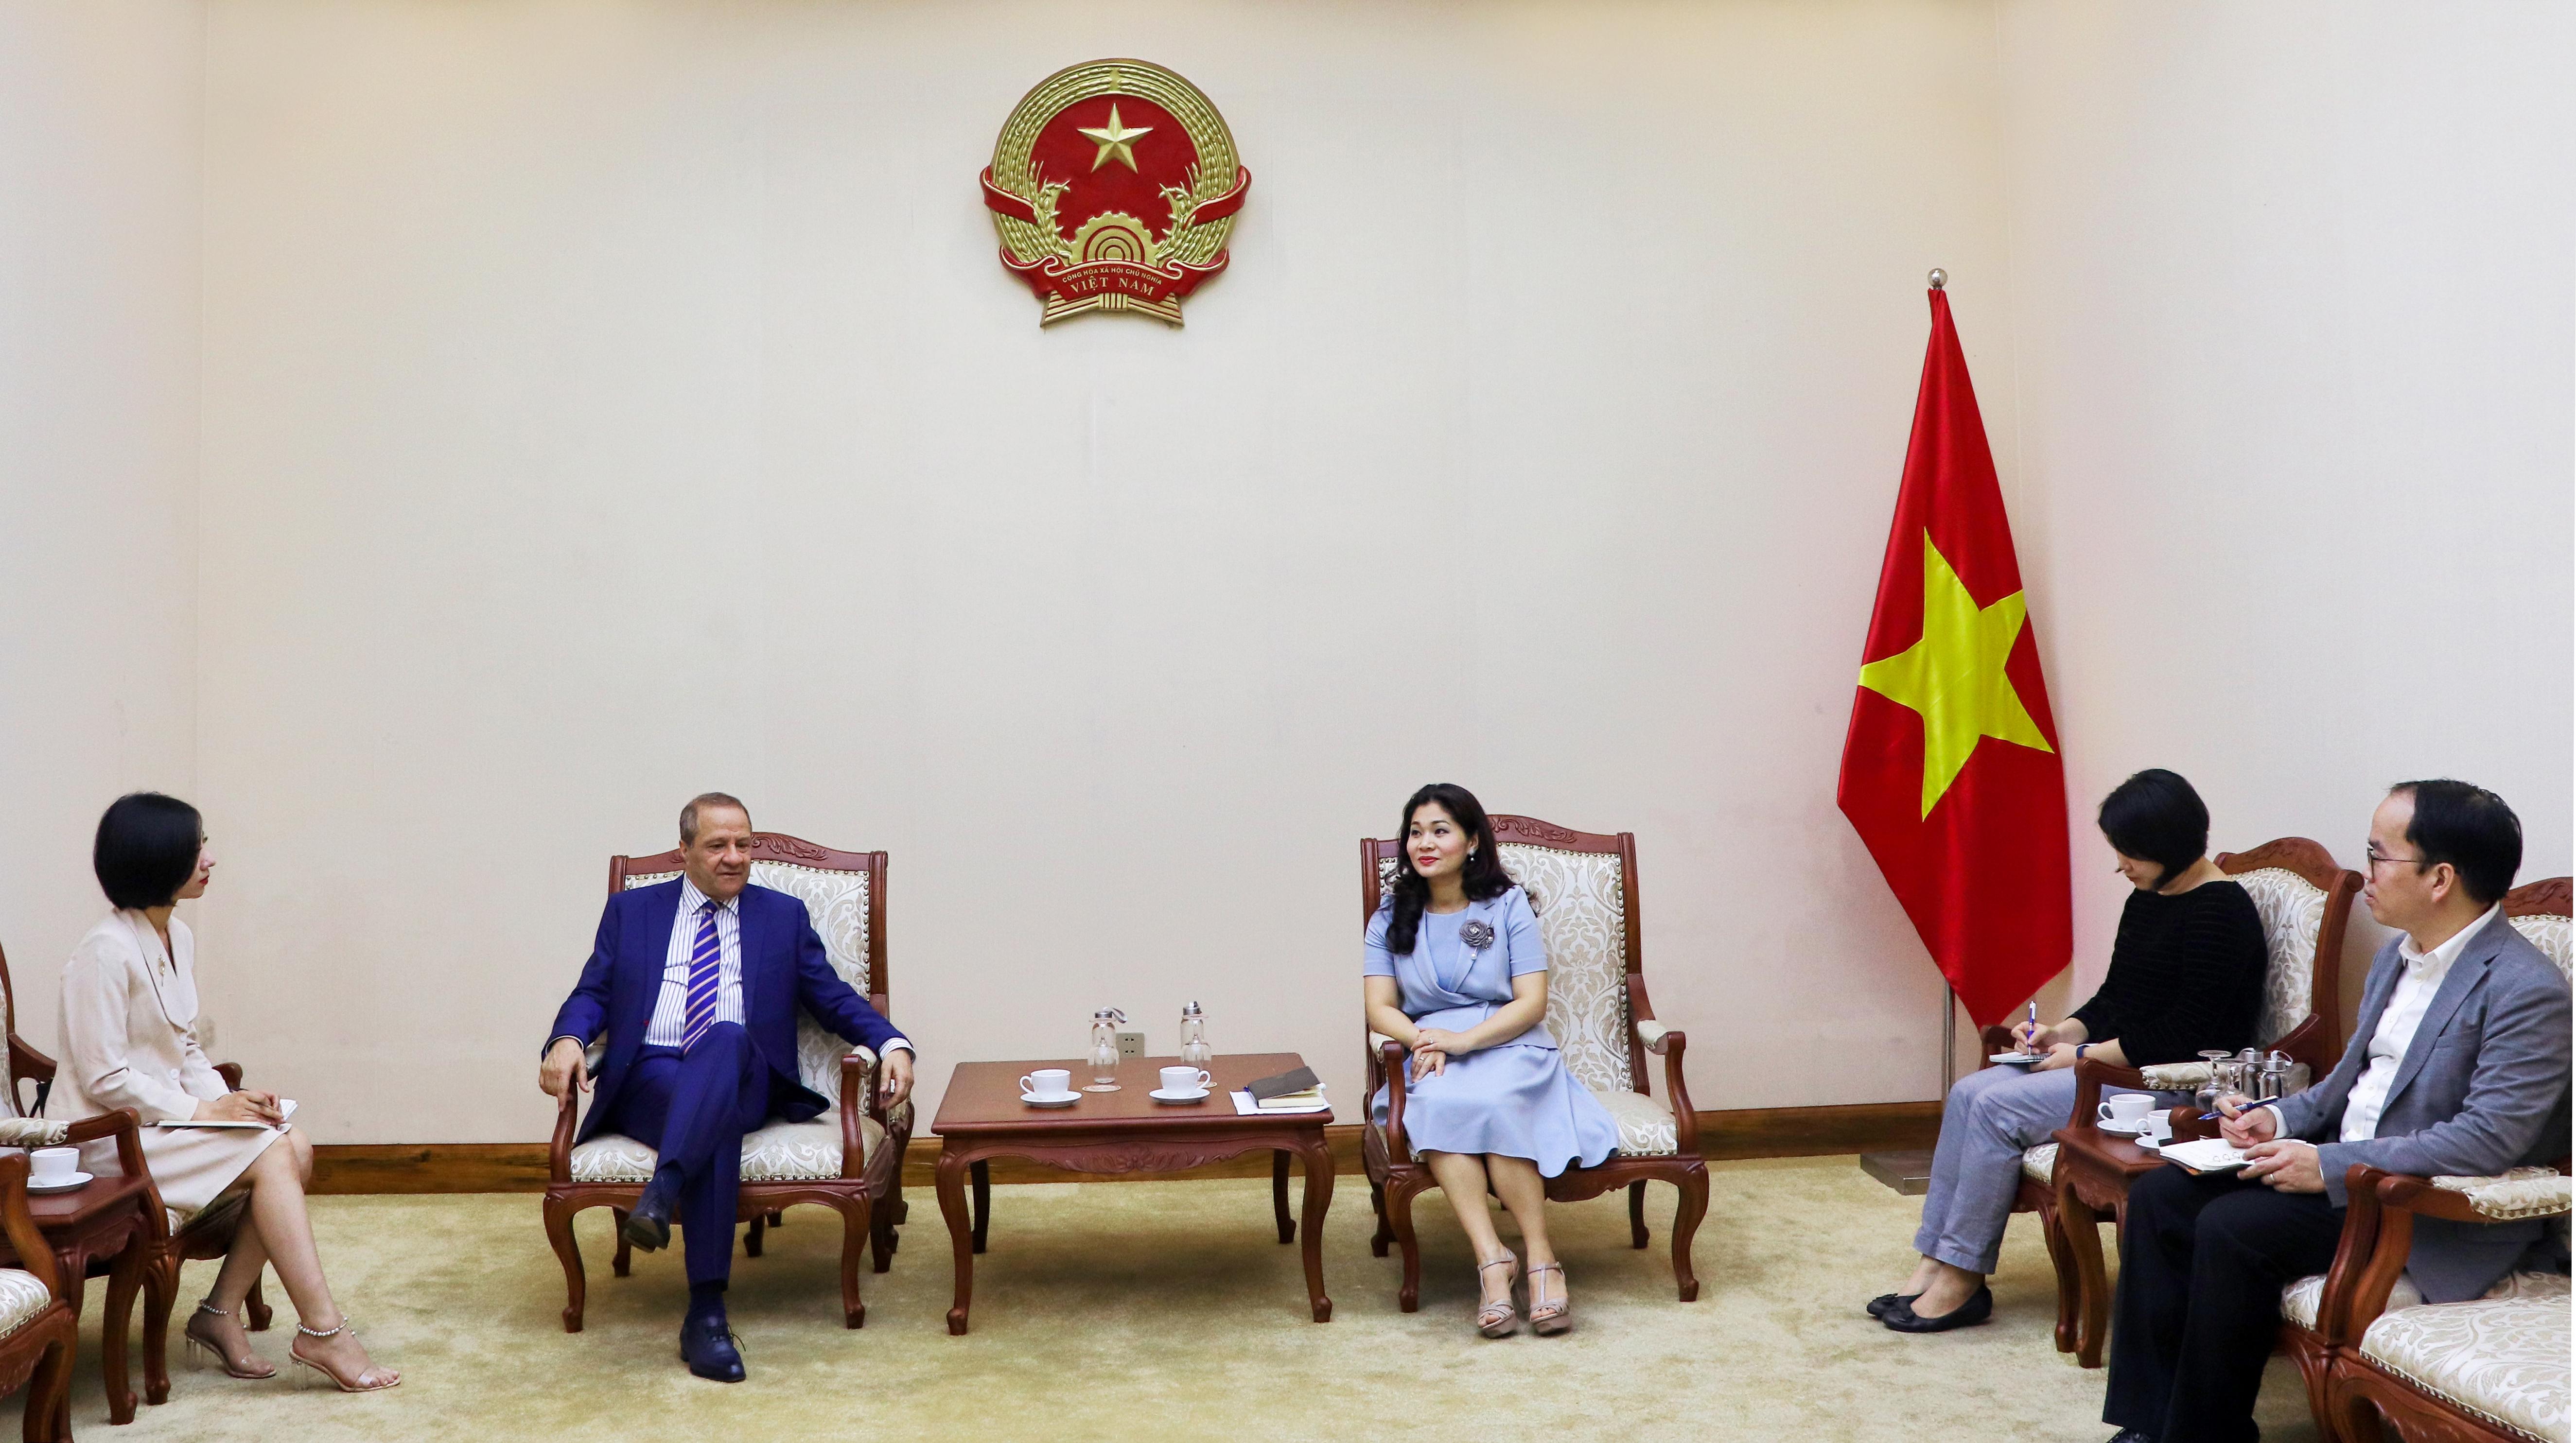 Cục trưởng Nguyễn Phương Hòa tiếp Đại sứ An-giê-ri tại Việt Nam - Ảnh 1.